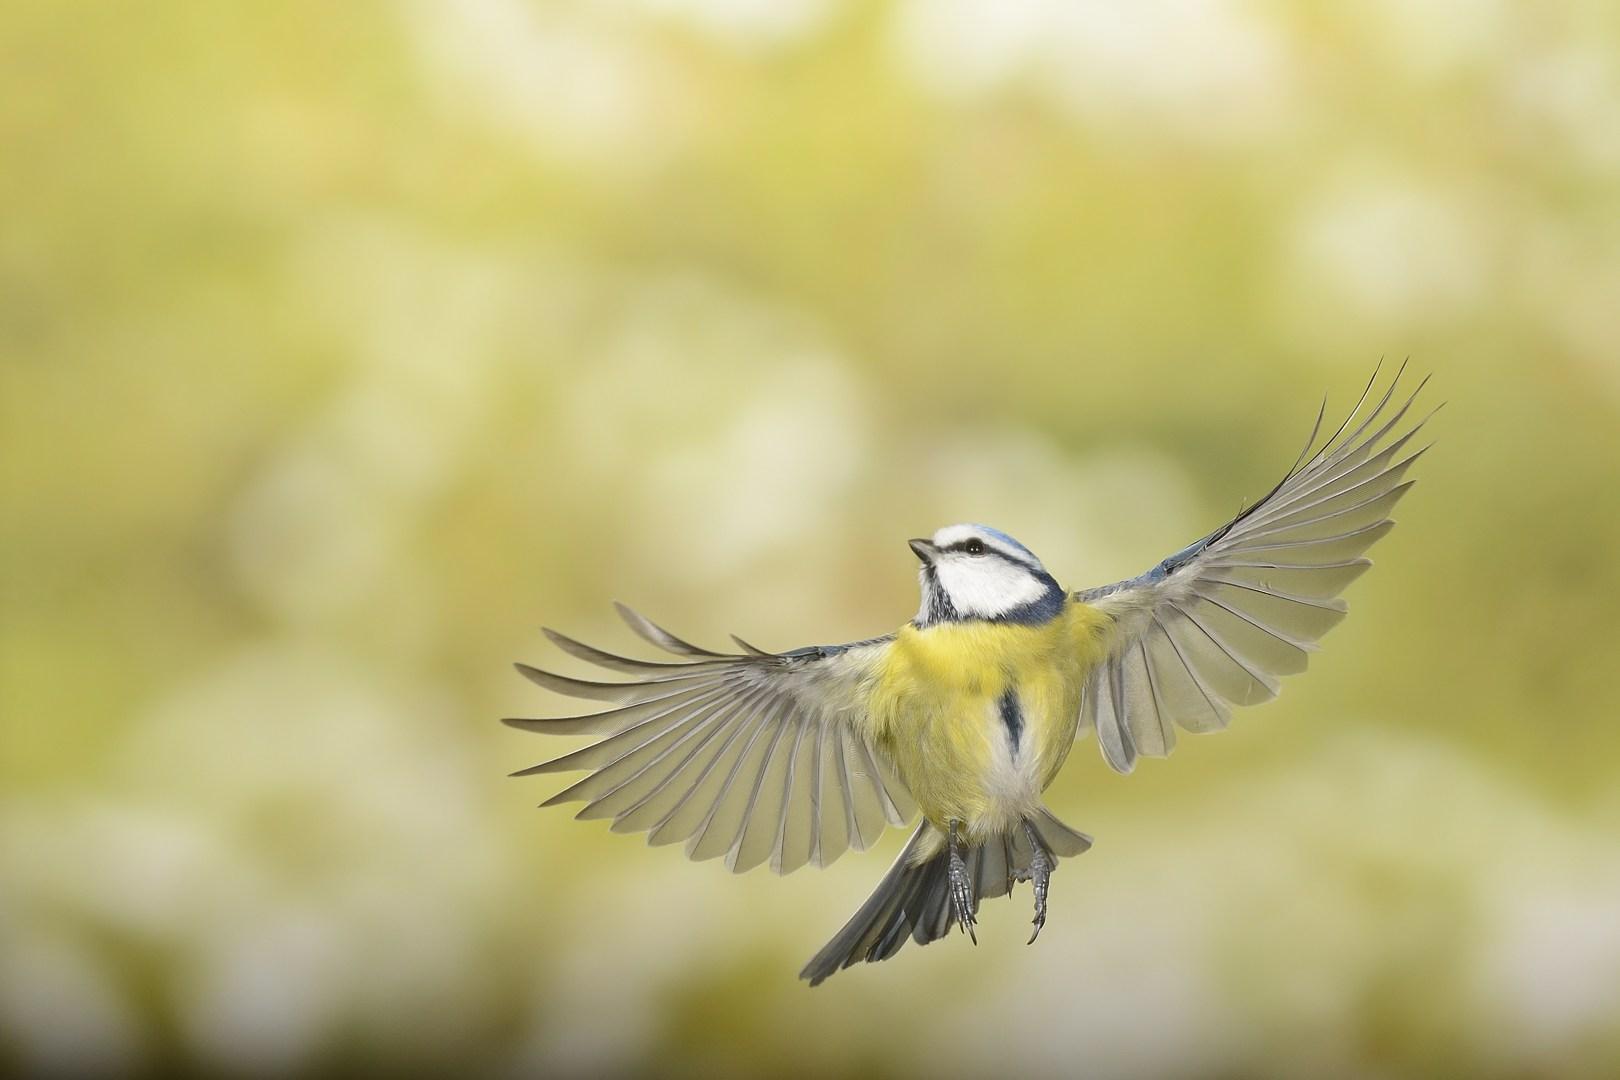 Les oiseaux en vol